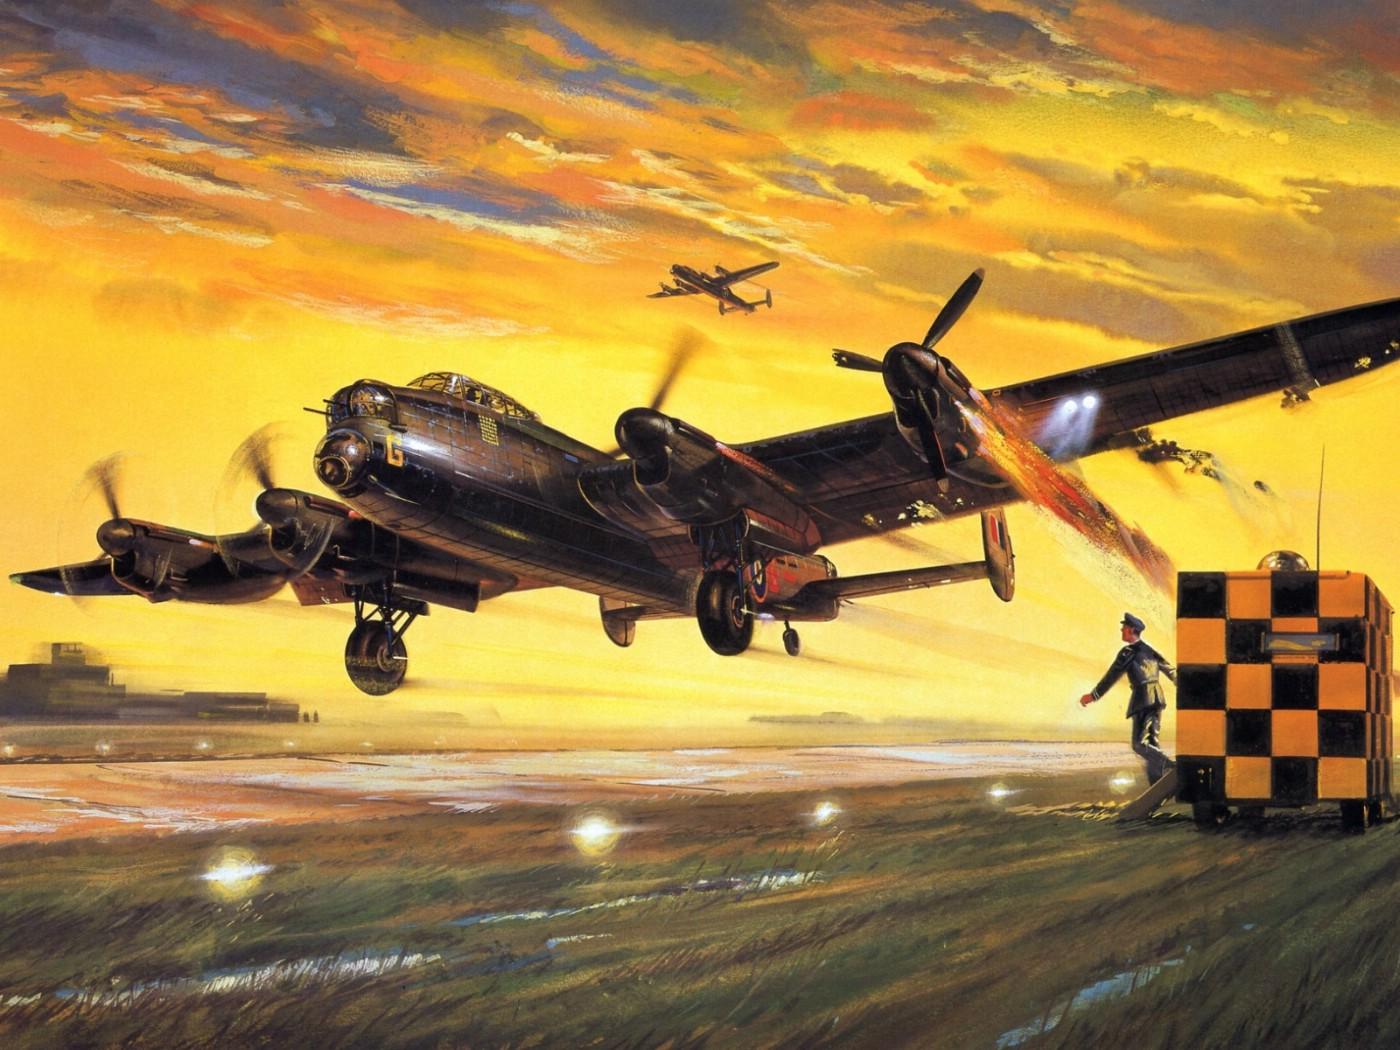 壁纸1400×1050高清晰油画式飞机壁纸壁纸 高清晰油画式飞机壁纸壁纸图片军事壁纸军事图片素材桌面壁纸